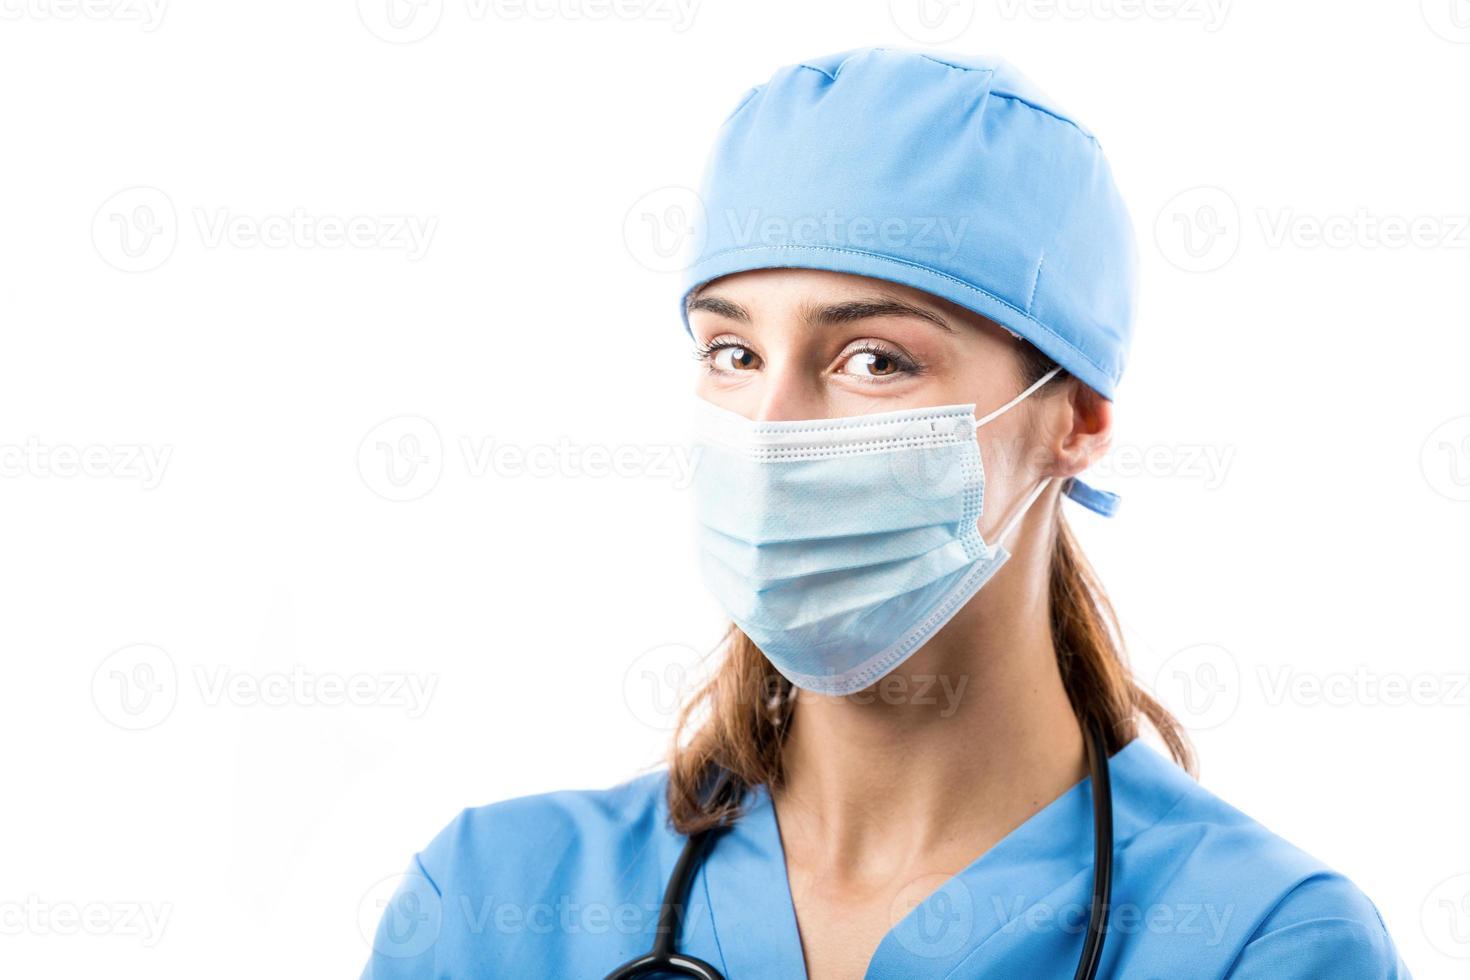 junger lächelnder Arzt mit einem Stethoskop foto